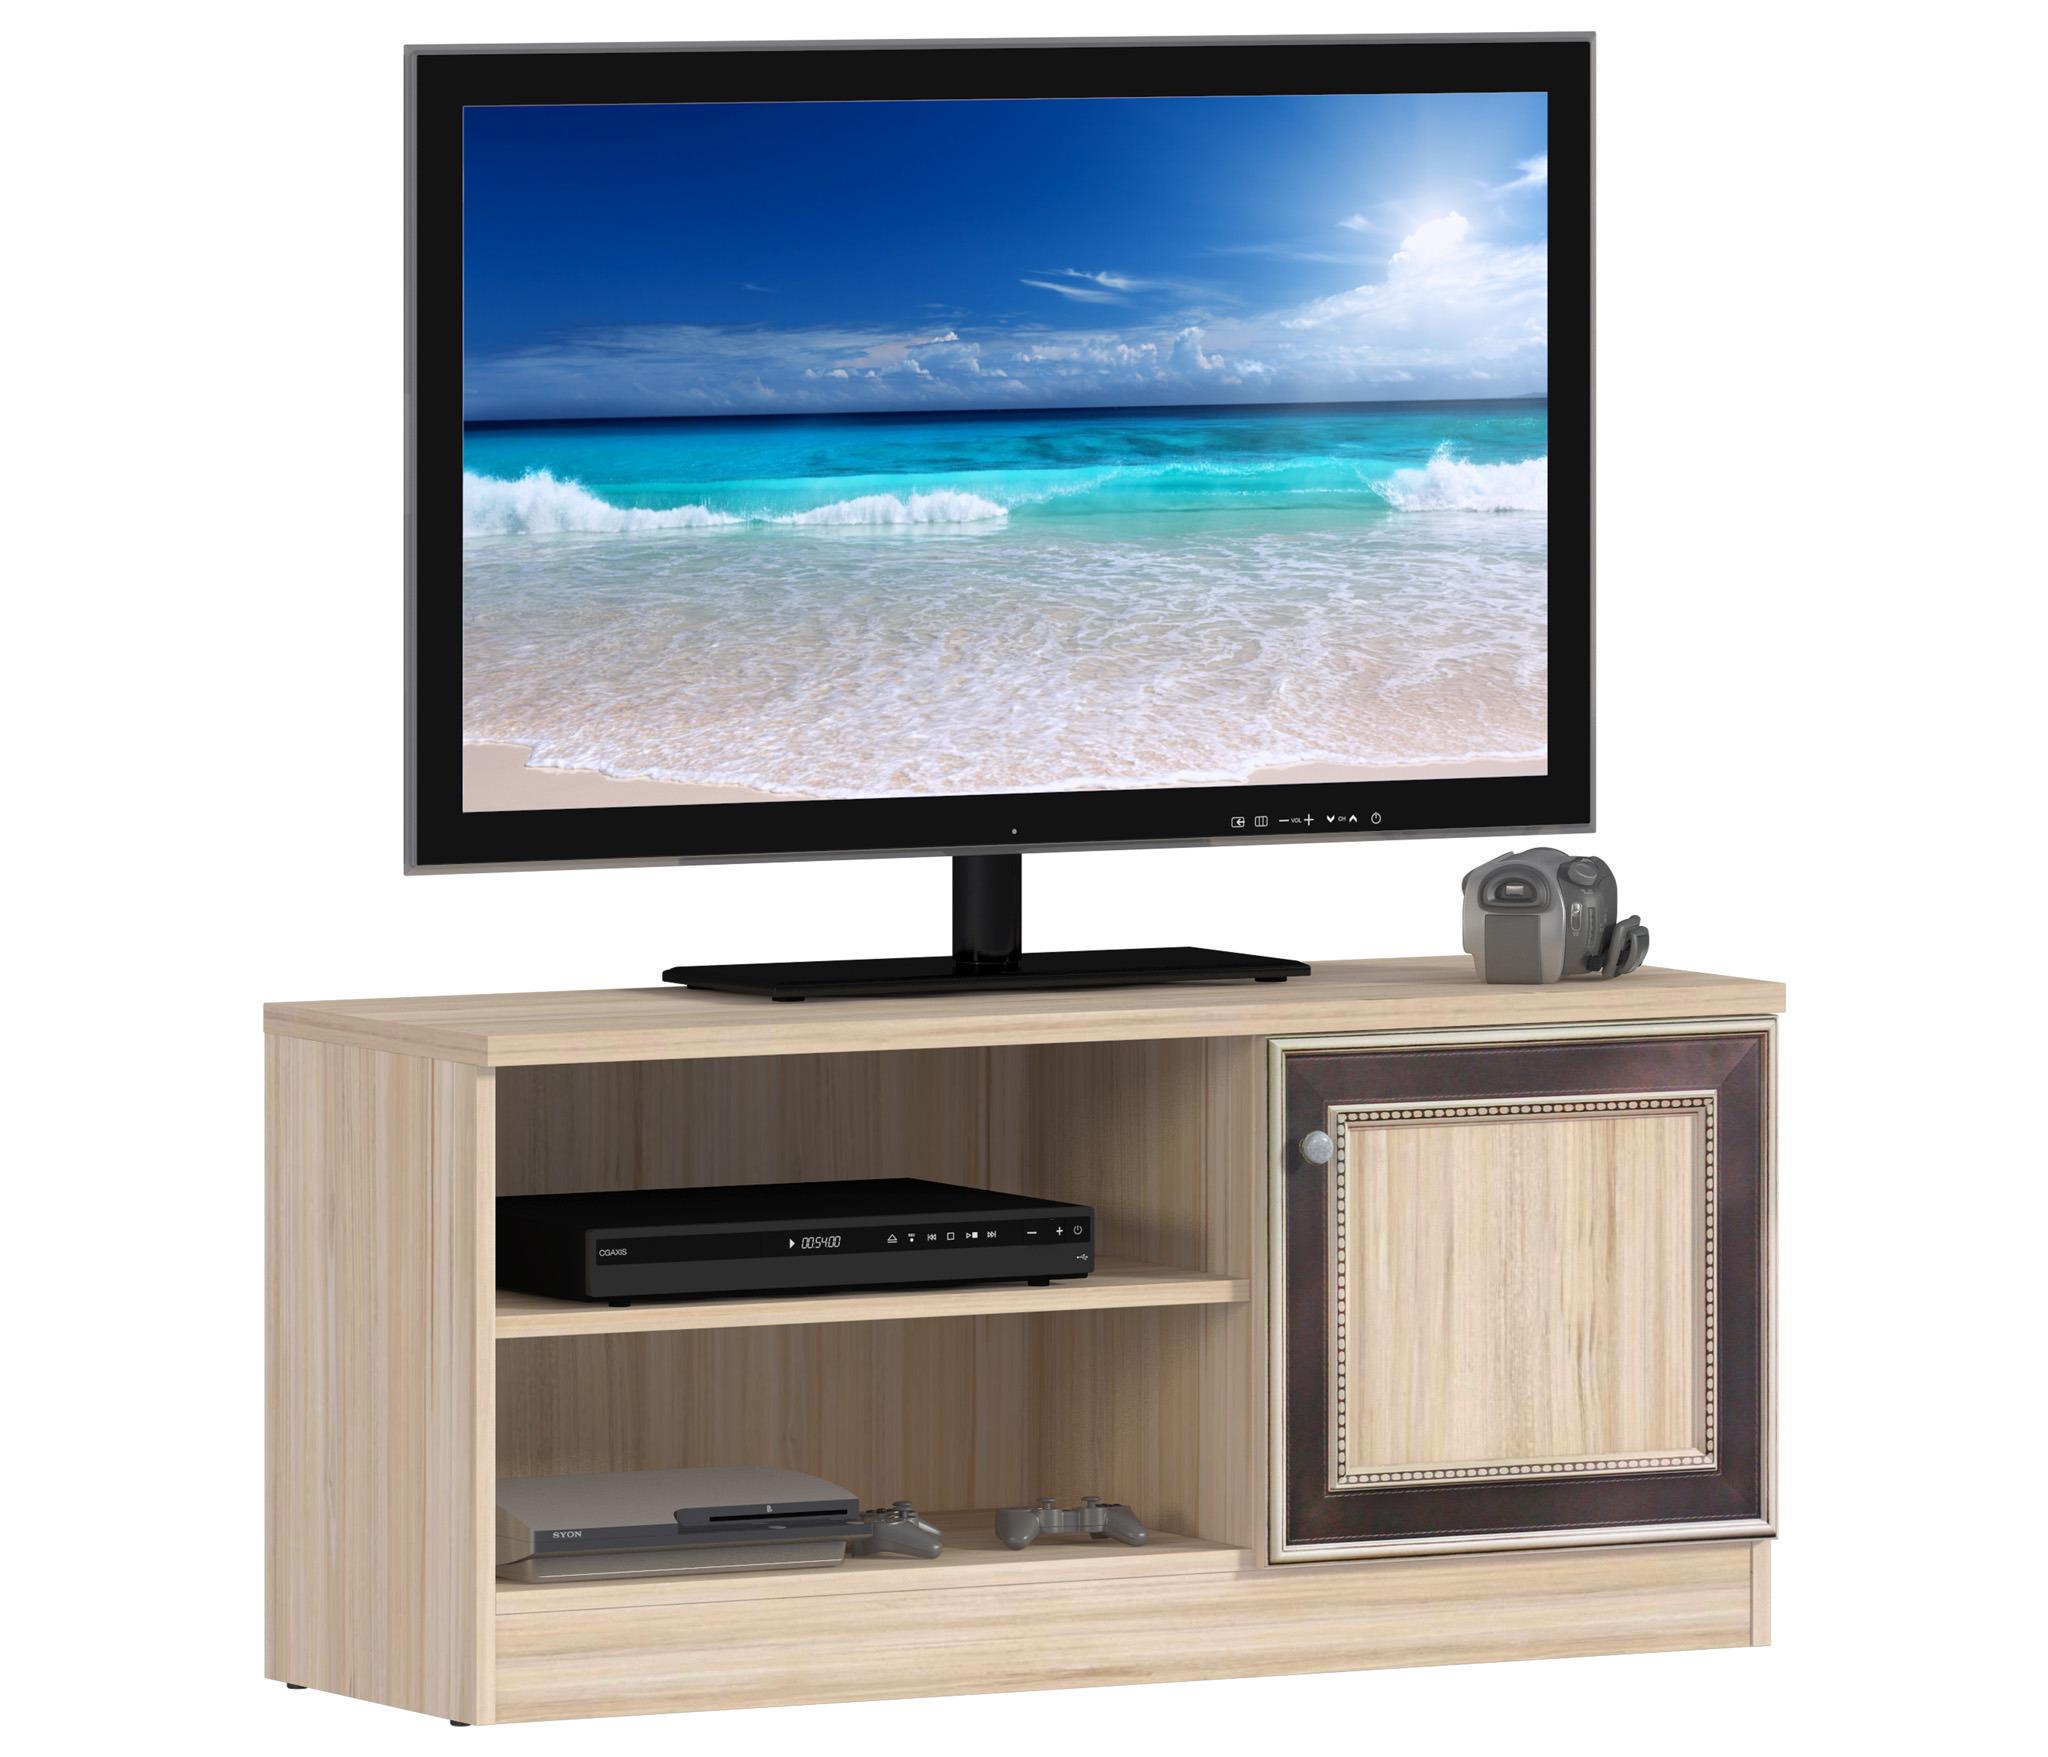 Персей СБ-1998 Тумба ТВТВ-тумбы<br>Центром притяжения современной гостиной является телевизор. За просмотром новостей, сериалов и ток-шоу мы проводим достаточно много времени, поэтому важно, чтобы телевизор был удобно размещён в комнате. Тумба  Персей  в лаконичном исполнении и спокойной цветовой гамме «слива Табеа» создаст в паре с ТВ гармоничный дуэт. Тумба включает в себя две открытых полки под видеотехнику и секцию с дверцей с контрастным декором. Компактная, удобная, функциональная тумба станет отличным дополнением к комплекту мебели из коллекции «Персей» или другим моделям, выполненным в том же цветовом решении.<br><br>Длина мм: 1100<br>Высота мм: 503<br>Глубина мм: 370